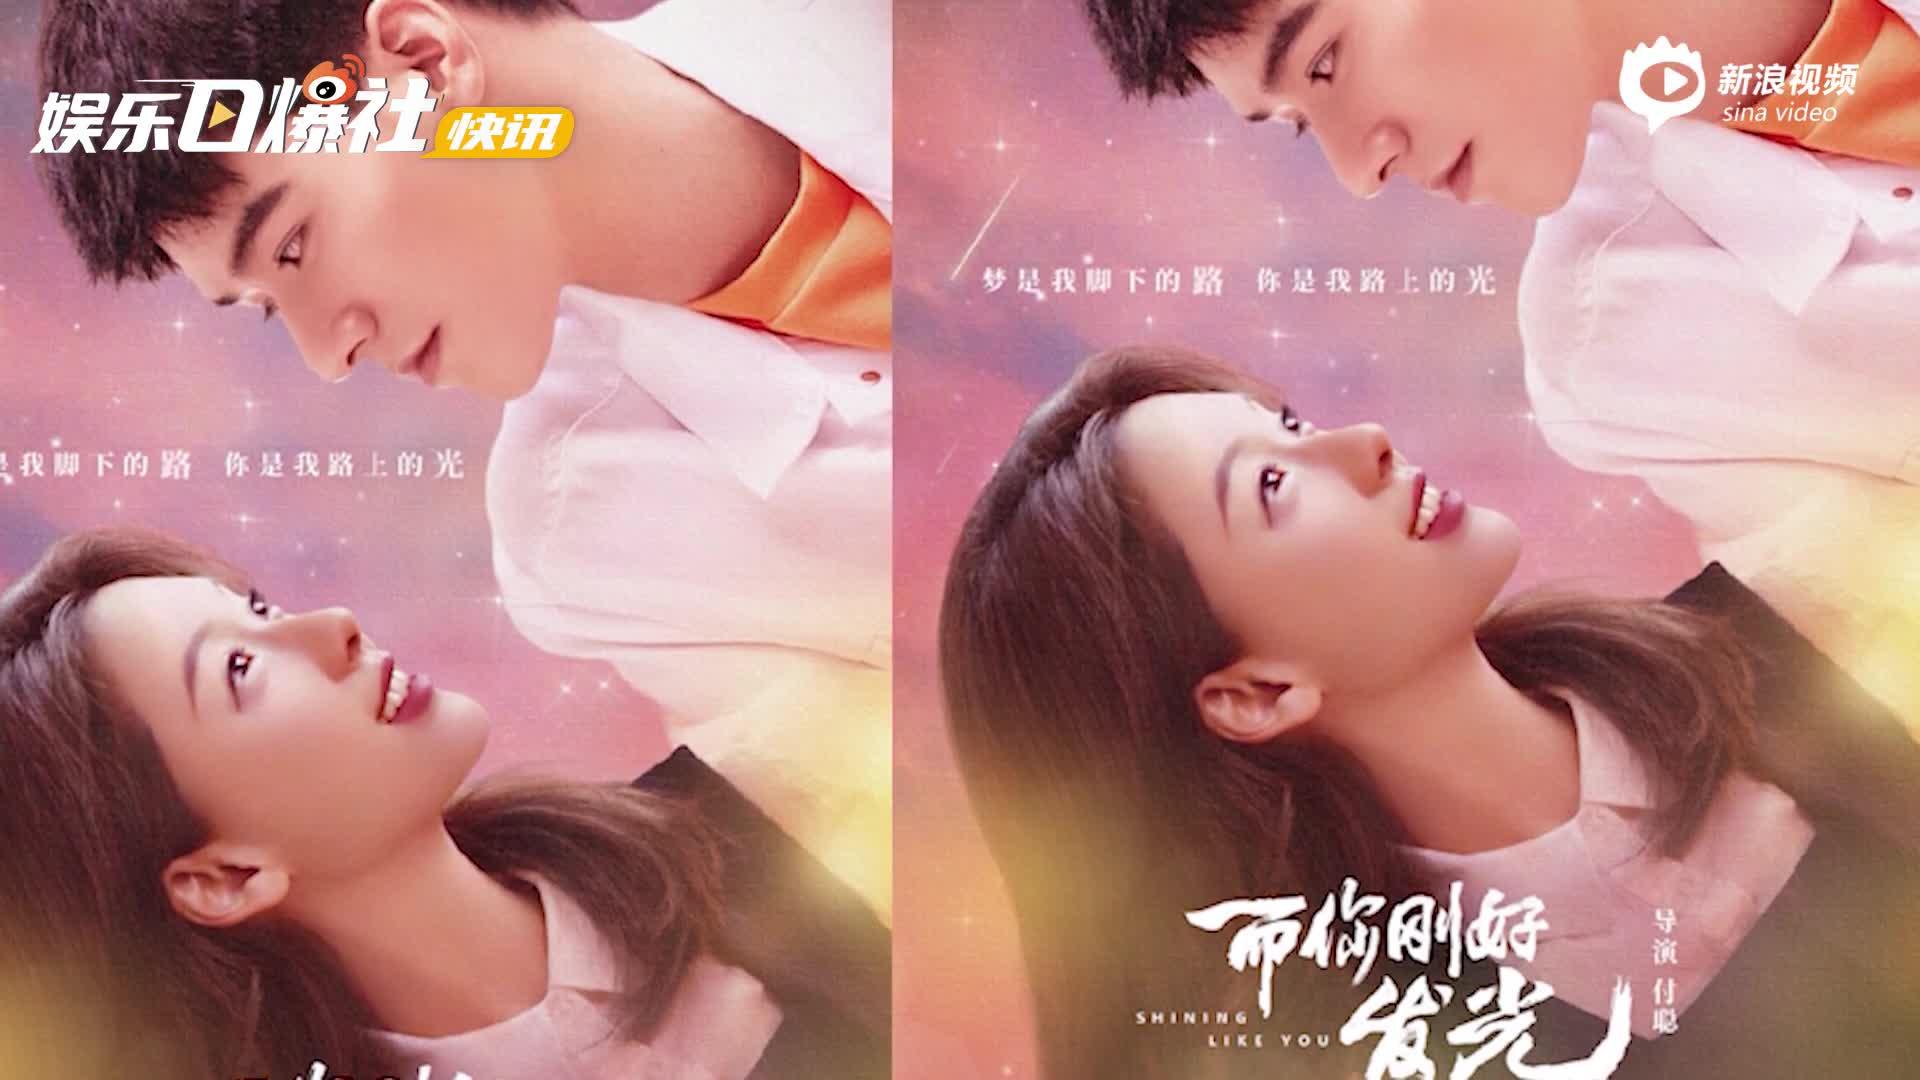 《而你刚好发光》预告发布龚俊王子璇共谱校园甜蜜恋歌